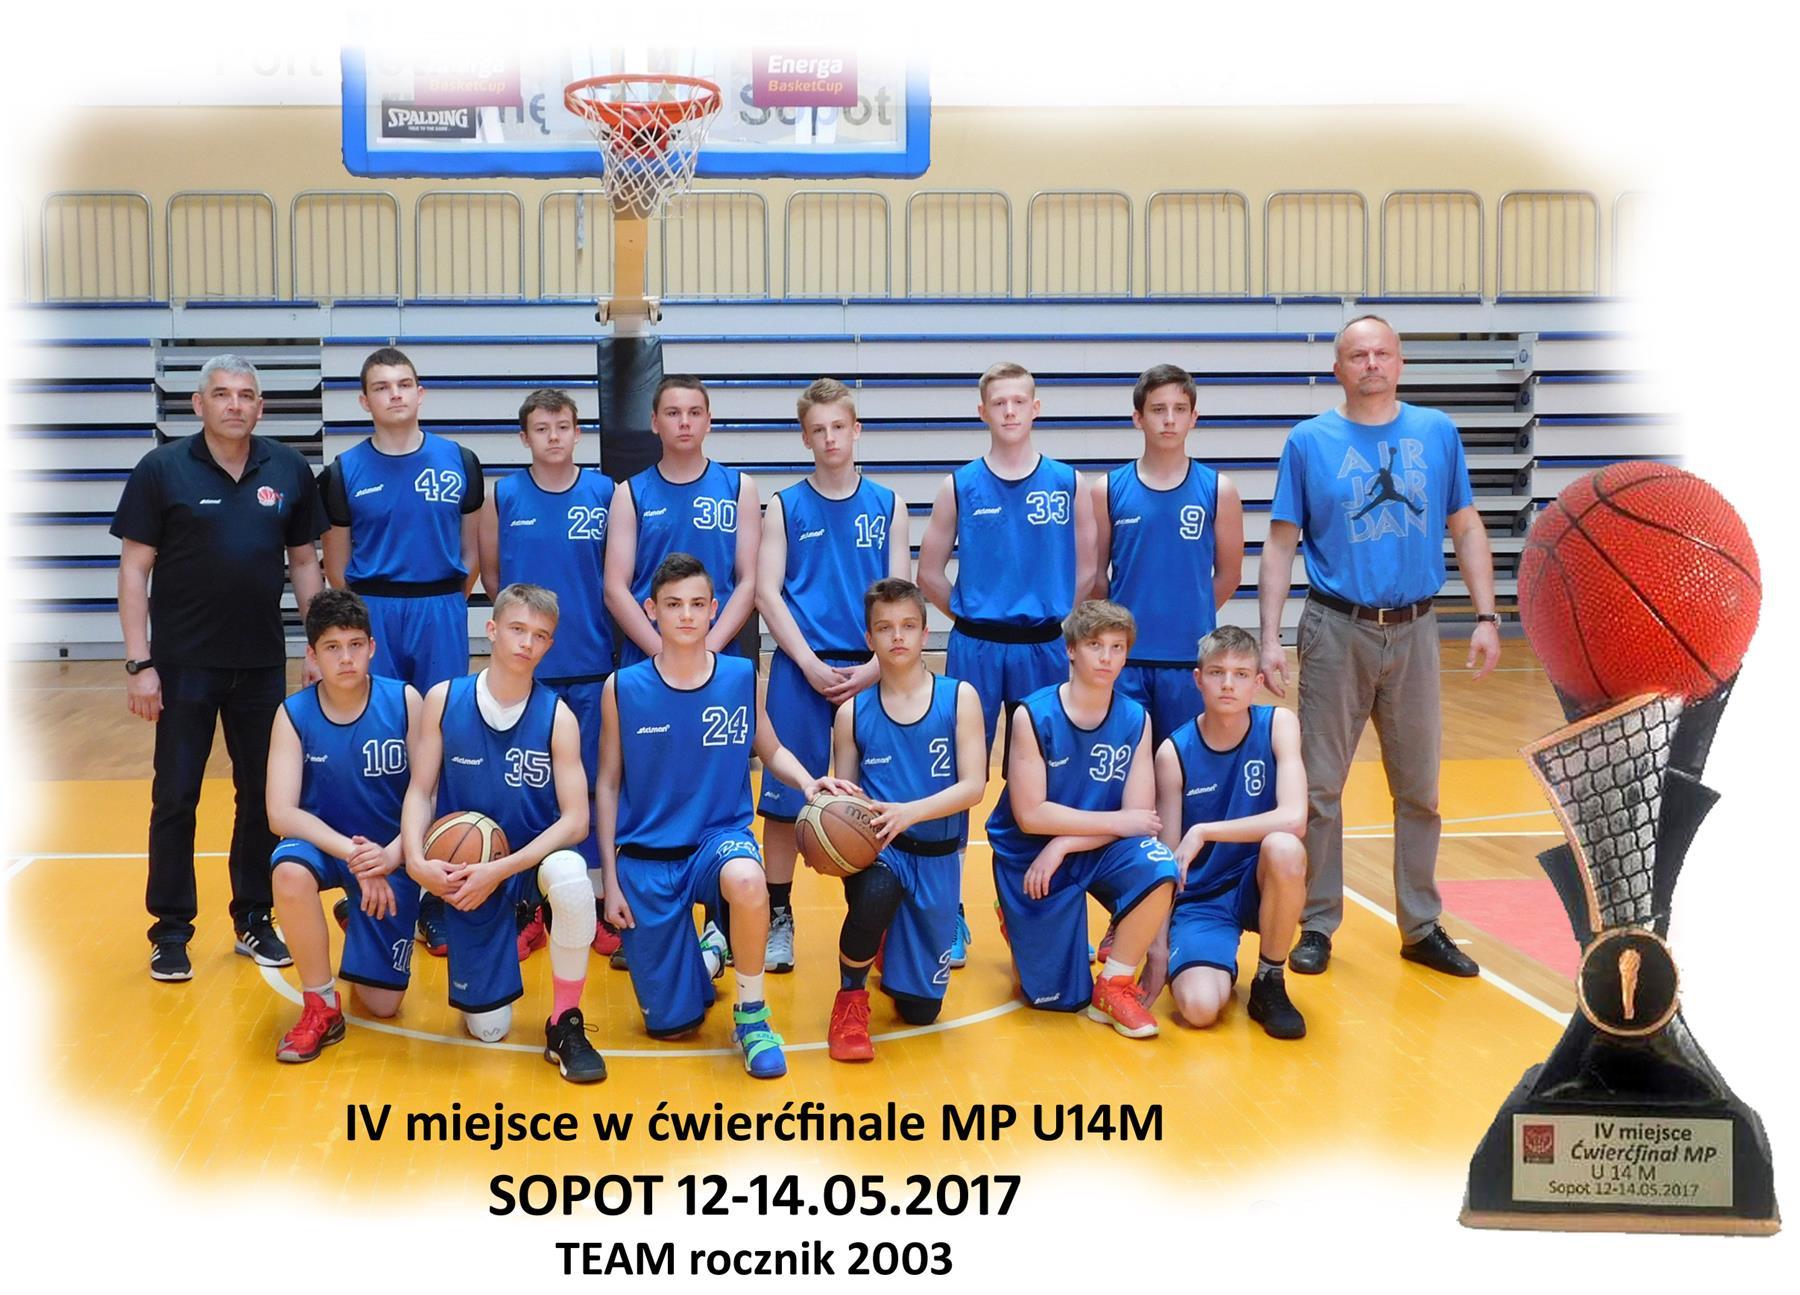 Sopot_MU14_12-14.05.2017